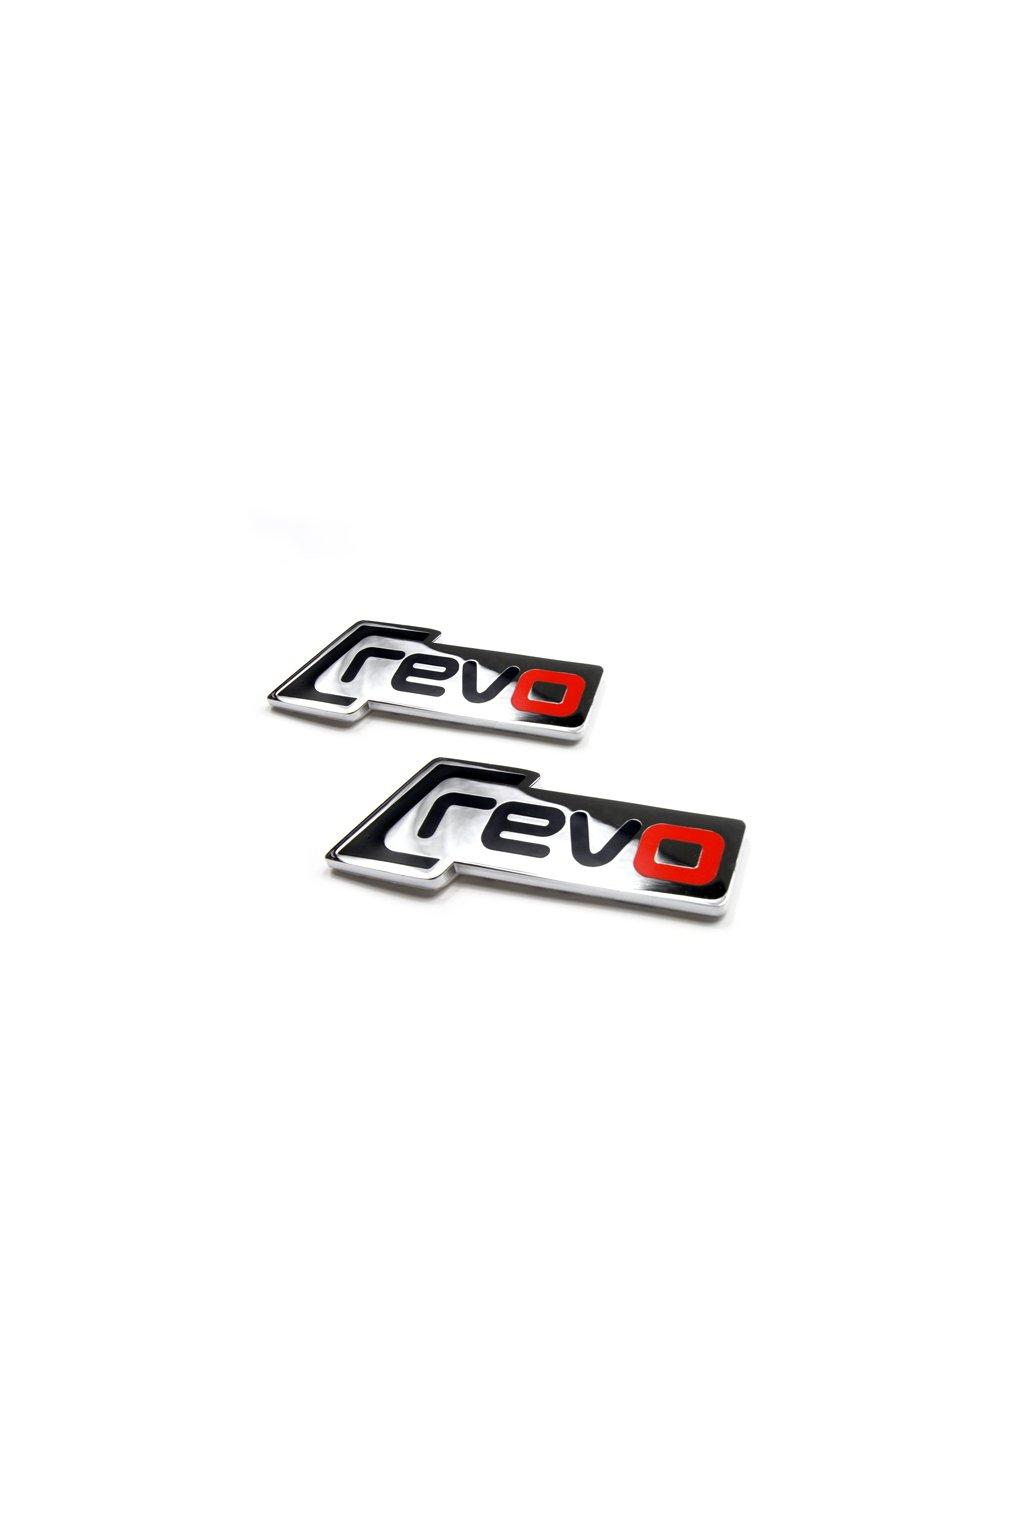 Revo Revo Wing znak